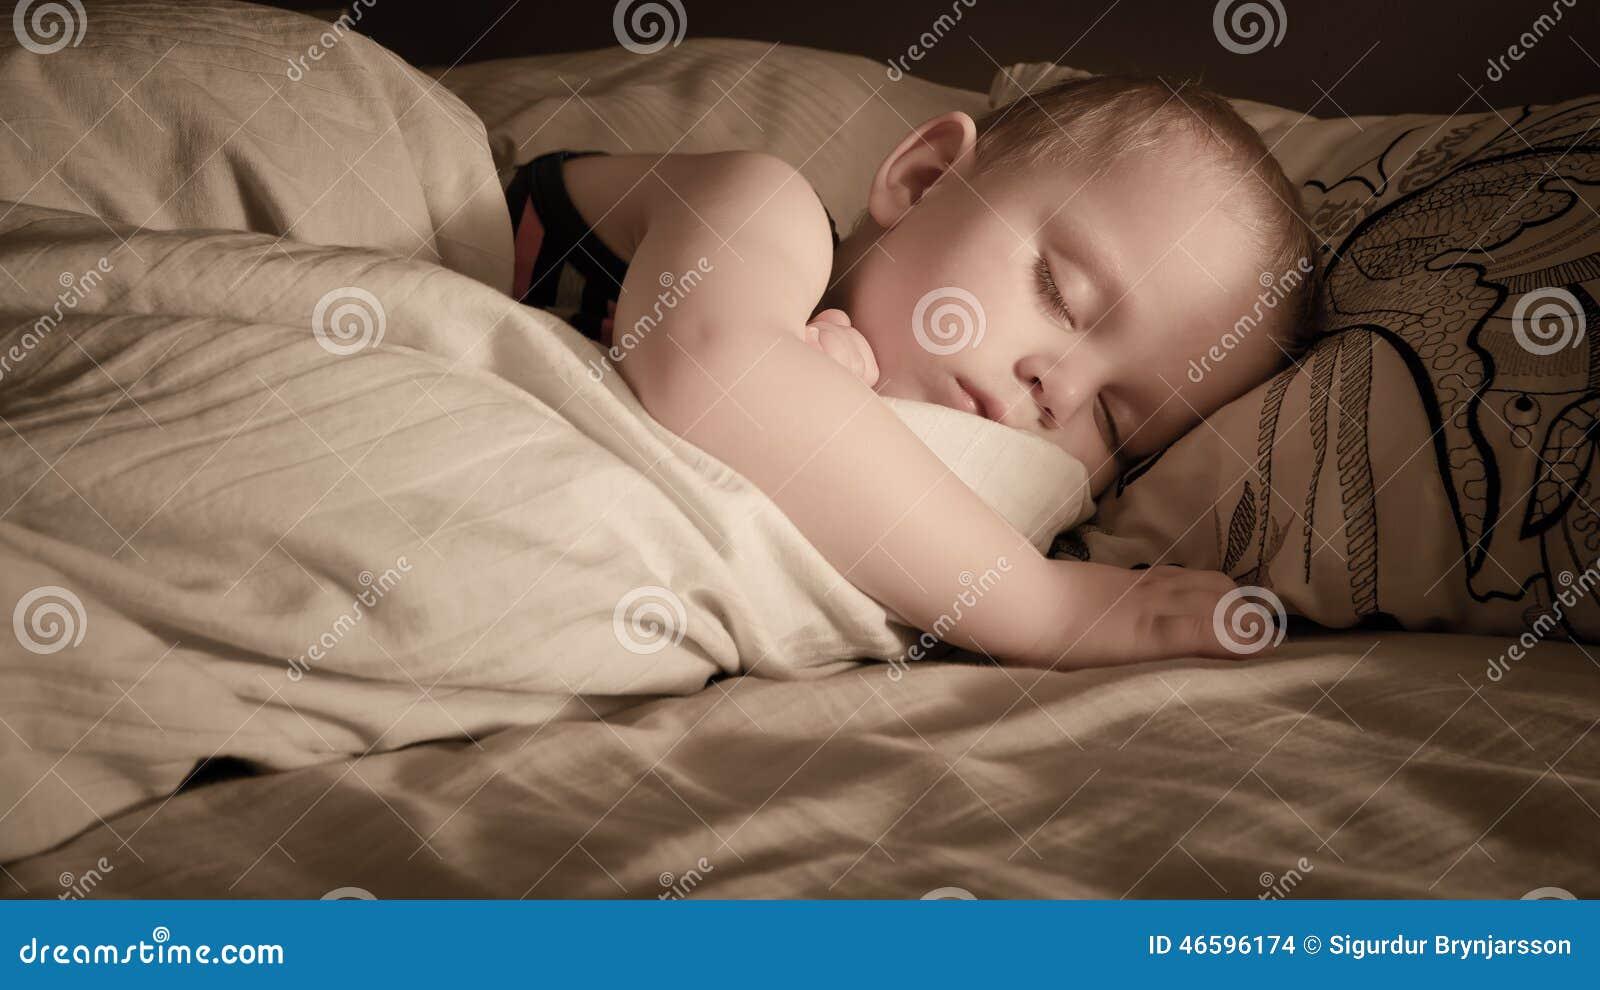 A boy Sleeping.